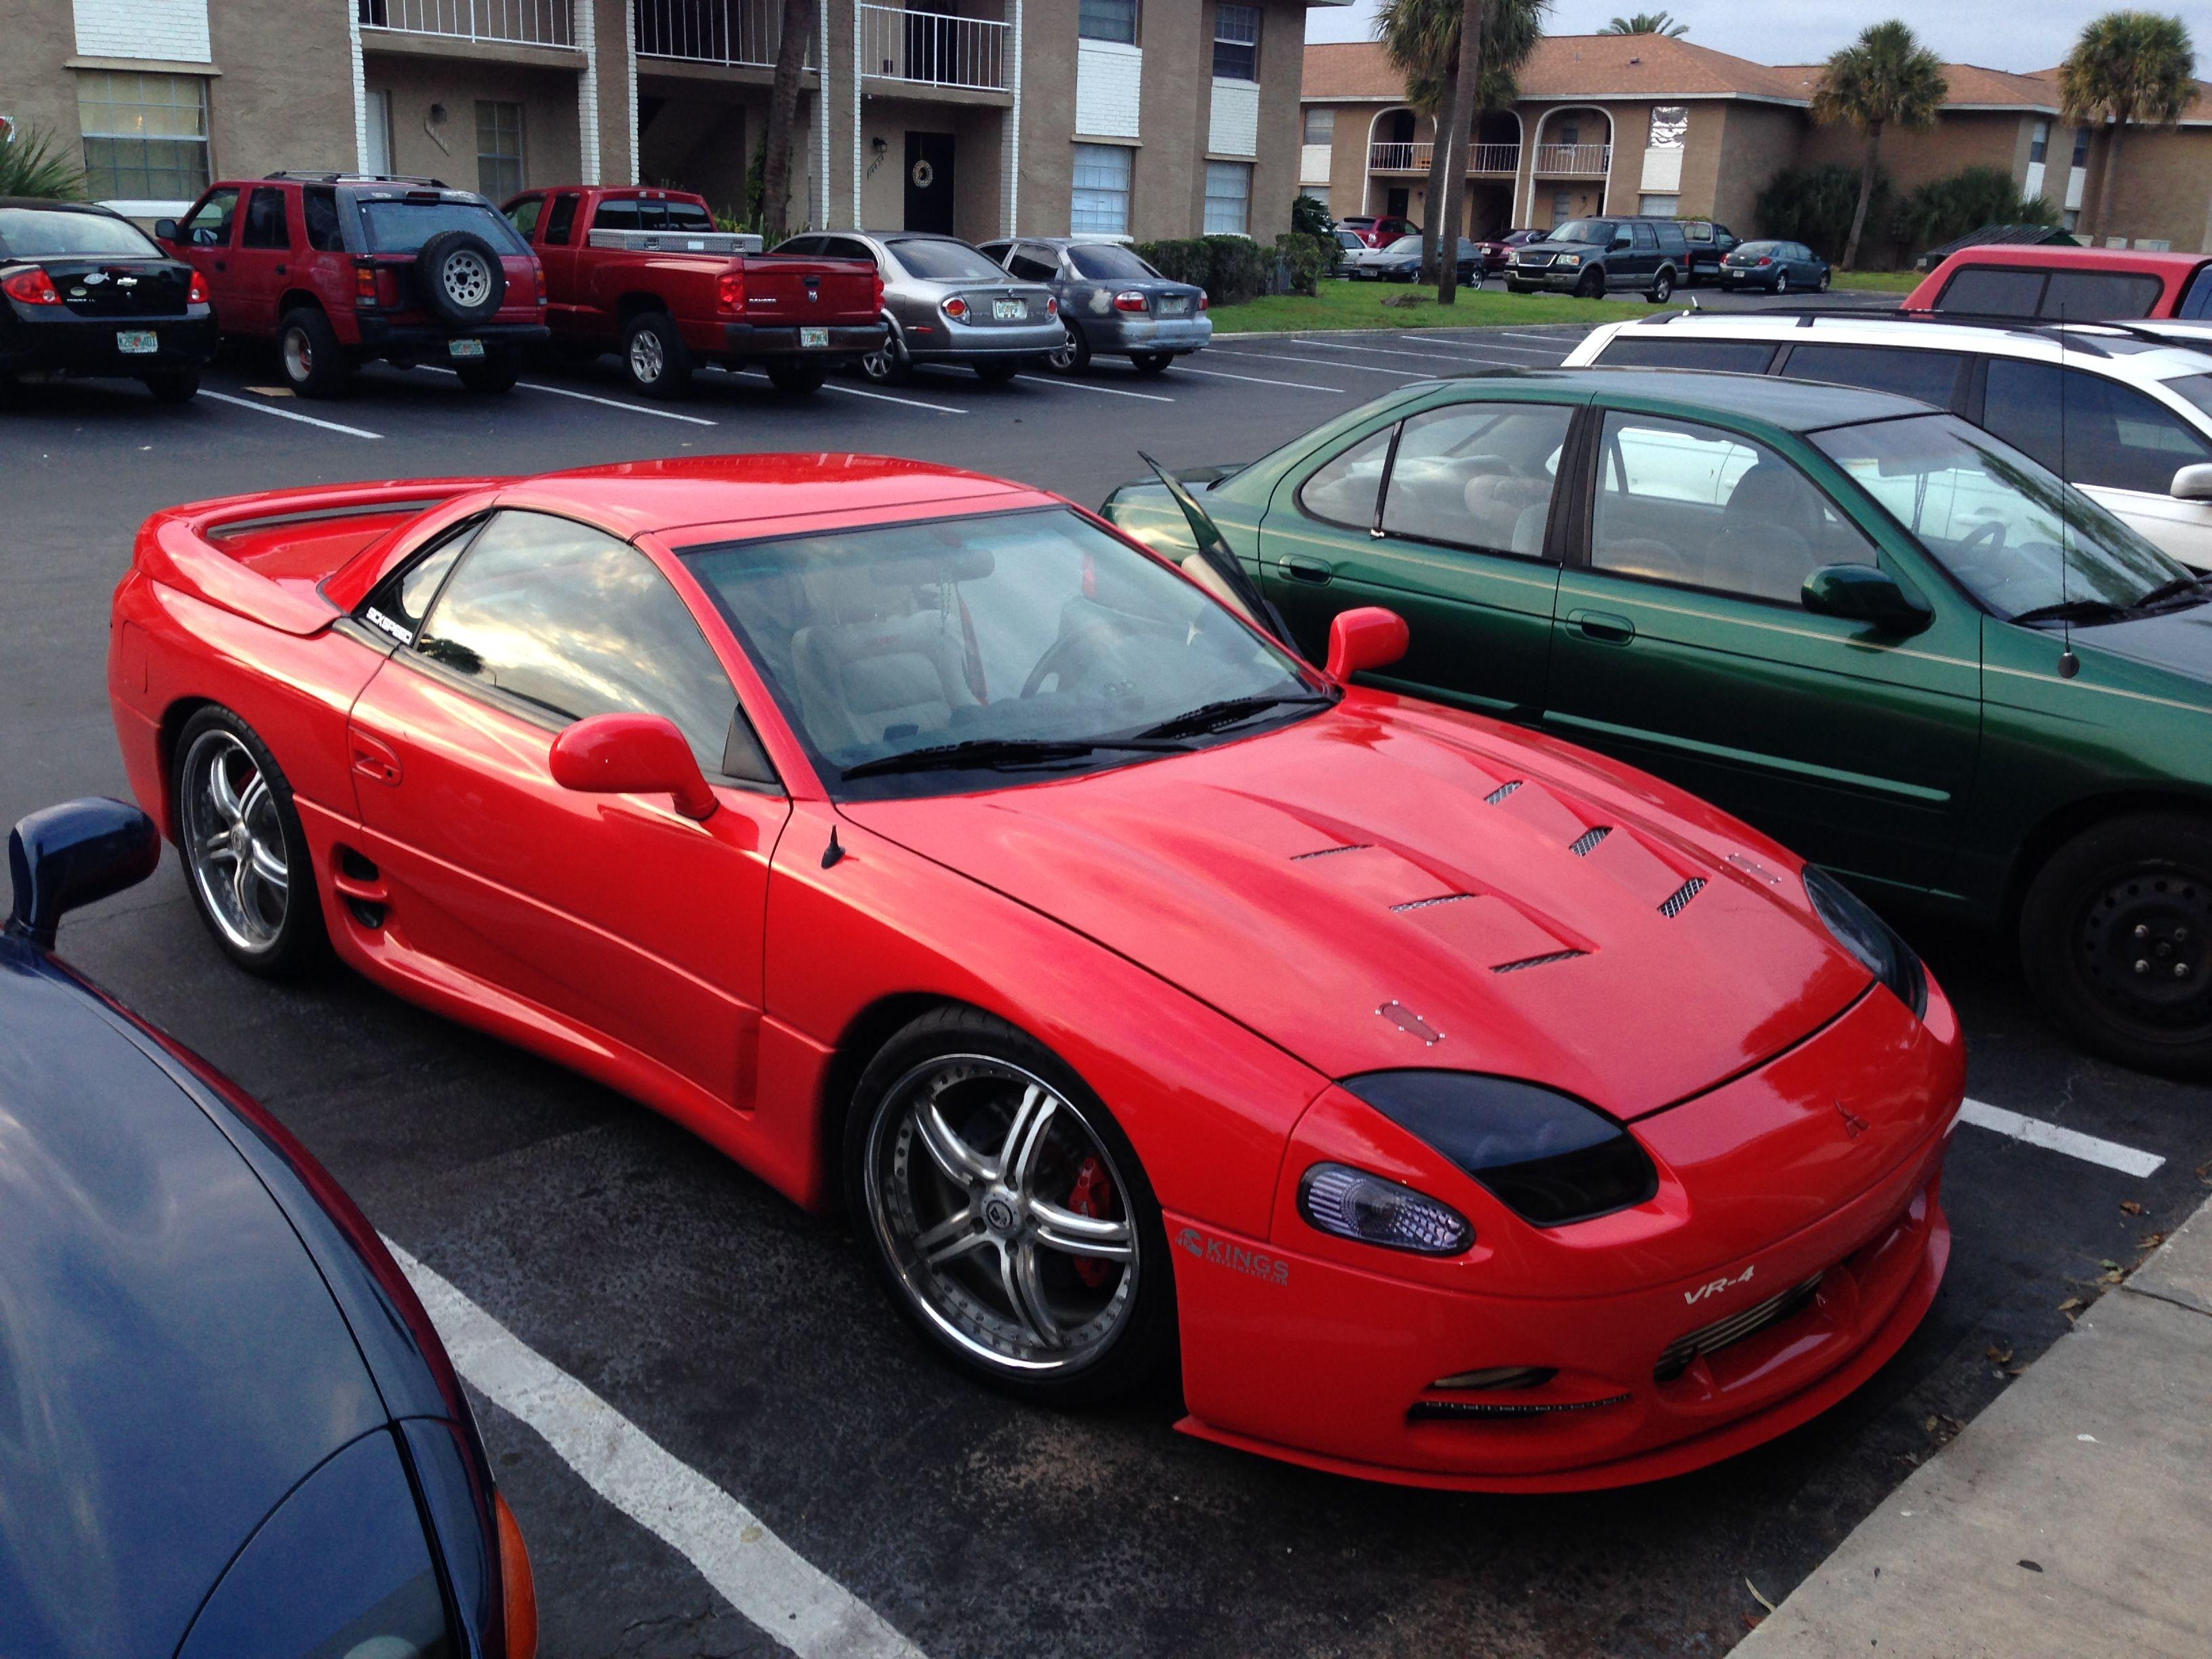 Redblood2 1999 Mitsubishi 3000gt With Images Mitsubishi 3000gt